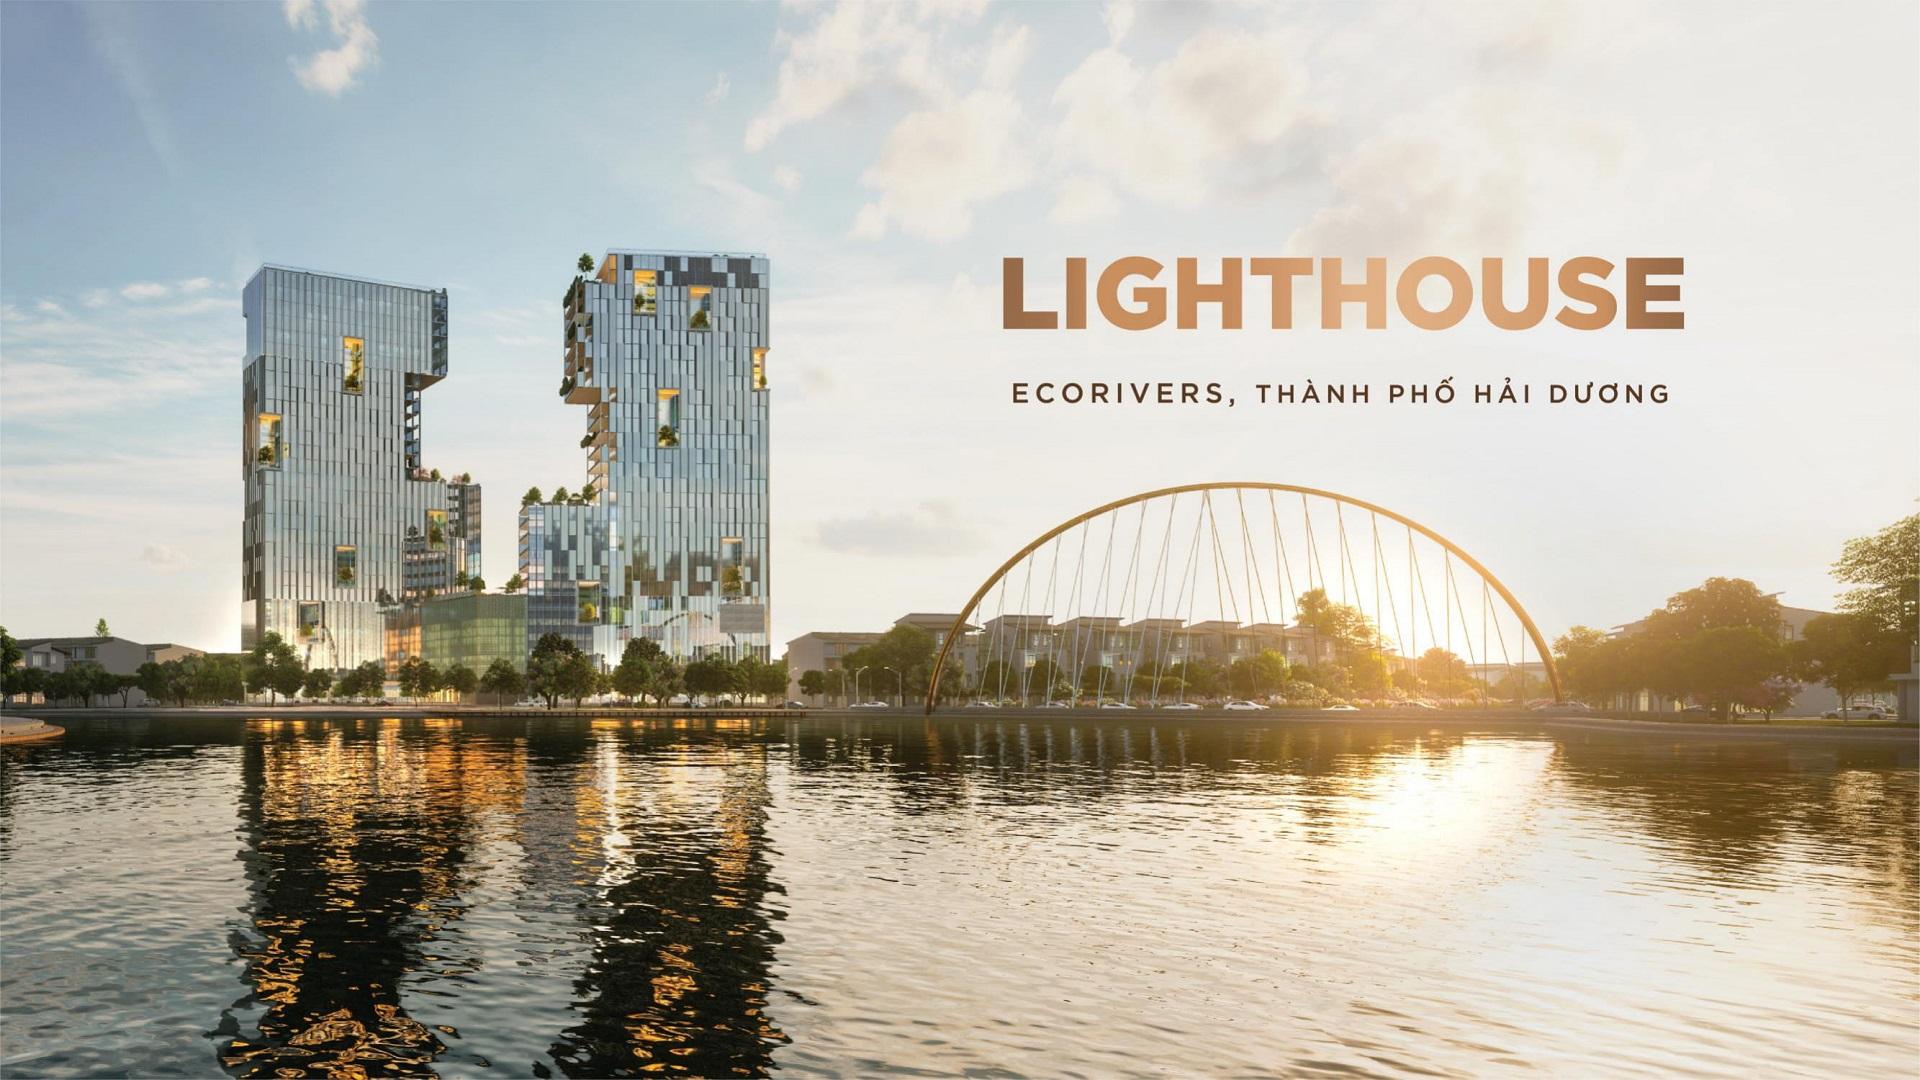 dự án chung cư lighthouse ecorivers hải dương